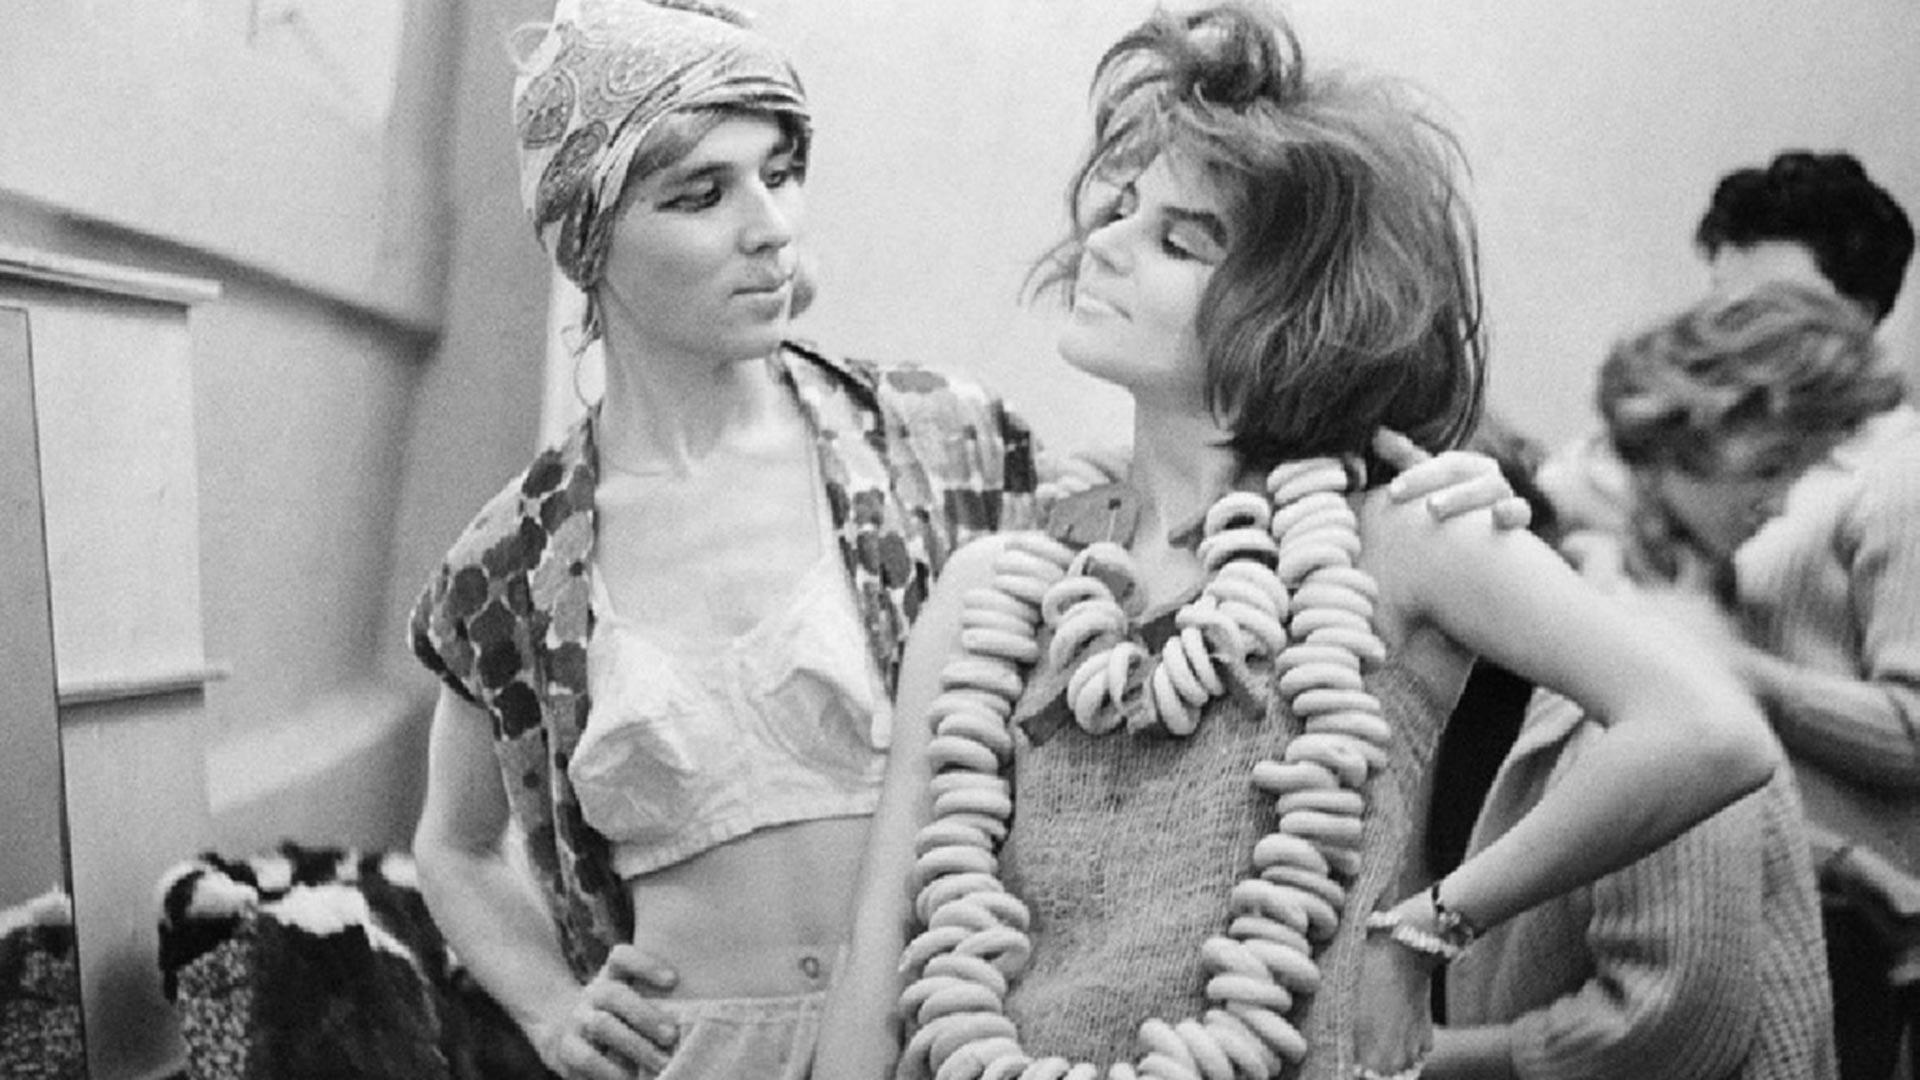 Dietro le quinte di una sfilata di moda dello stilista Vjacheslav Zajtsev, 1966